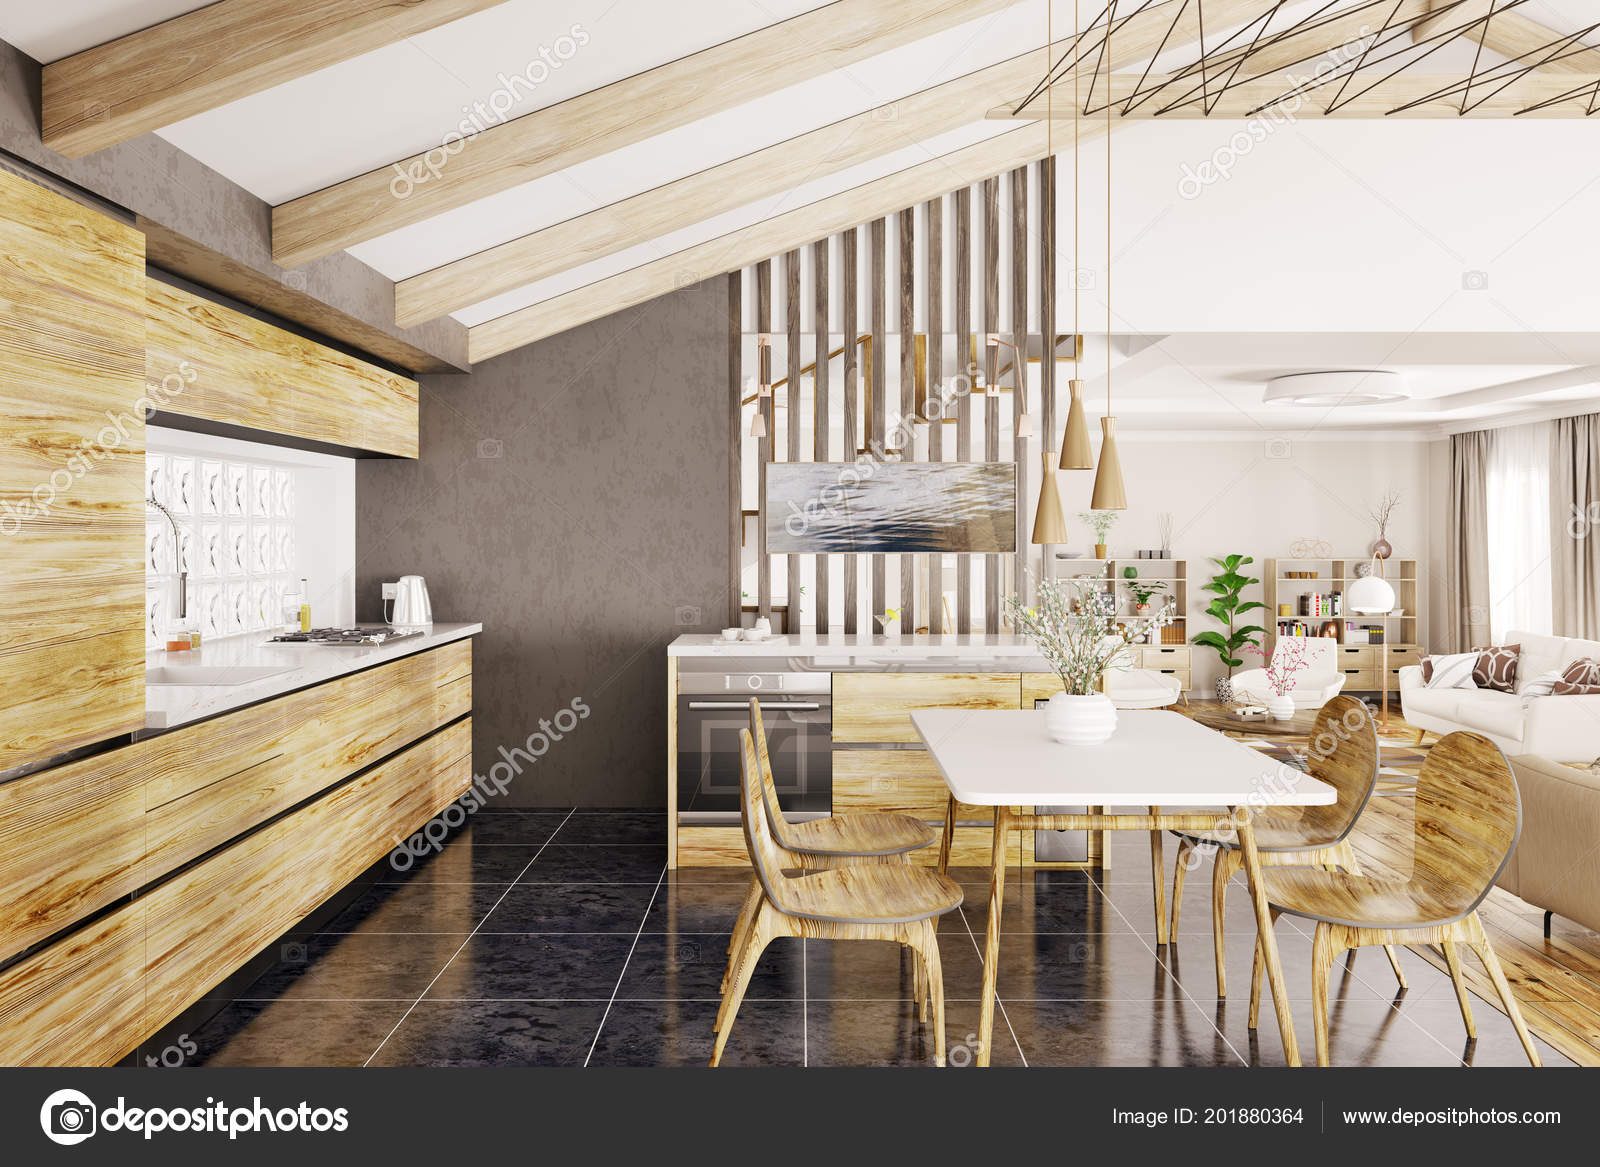 Design Interieur Maison Bois | Interieurs Maisons Maison Bois Avec ...